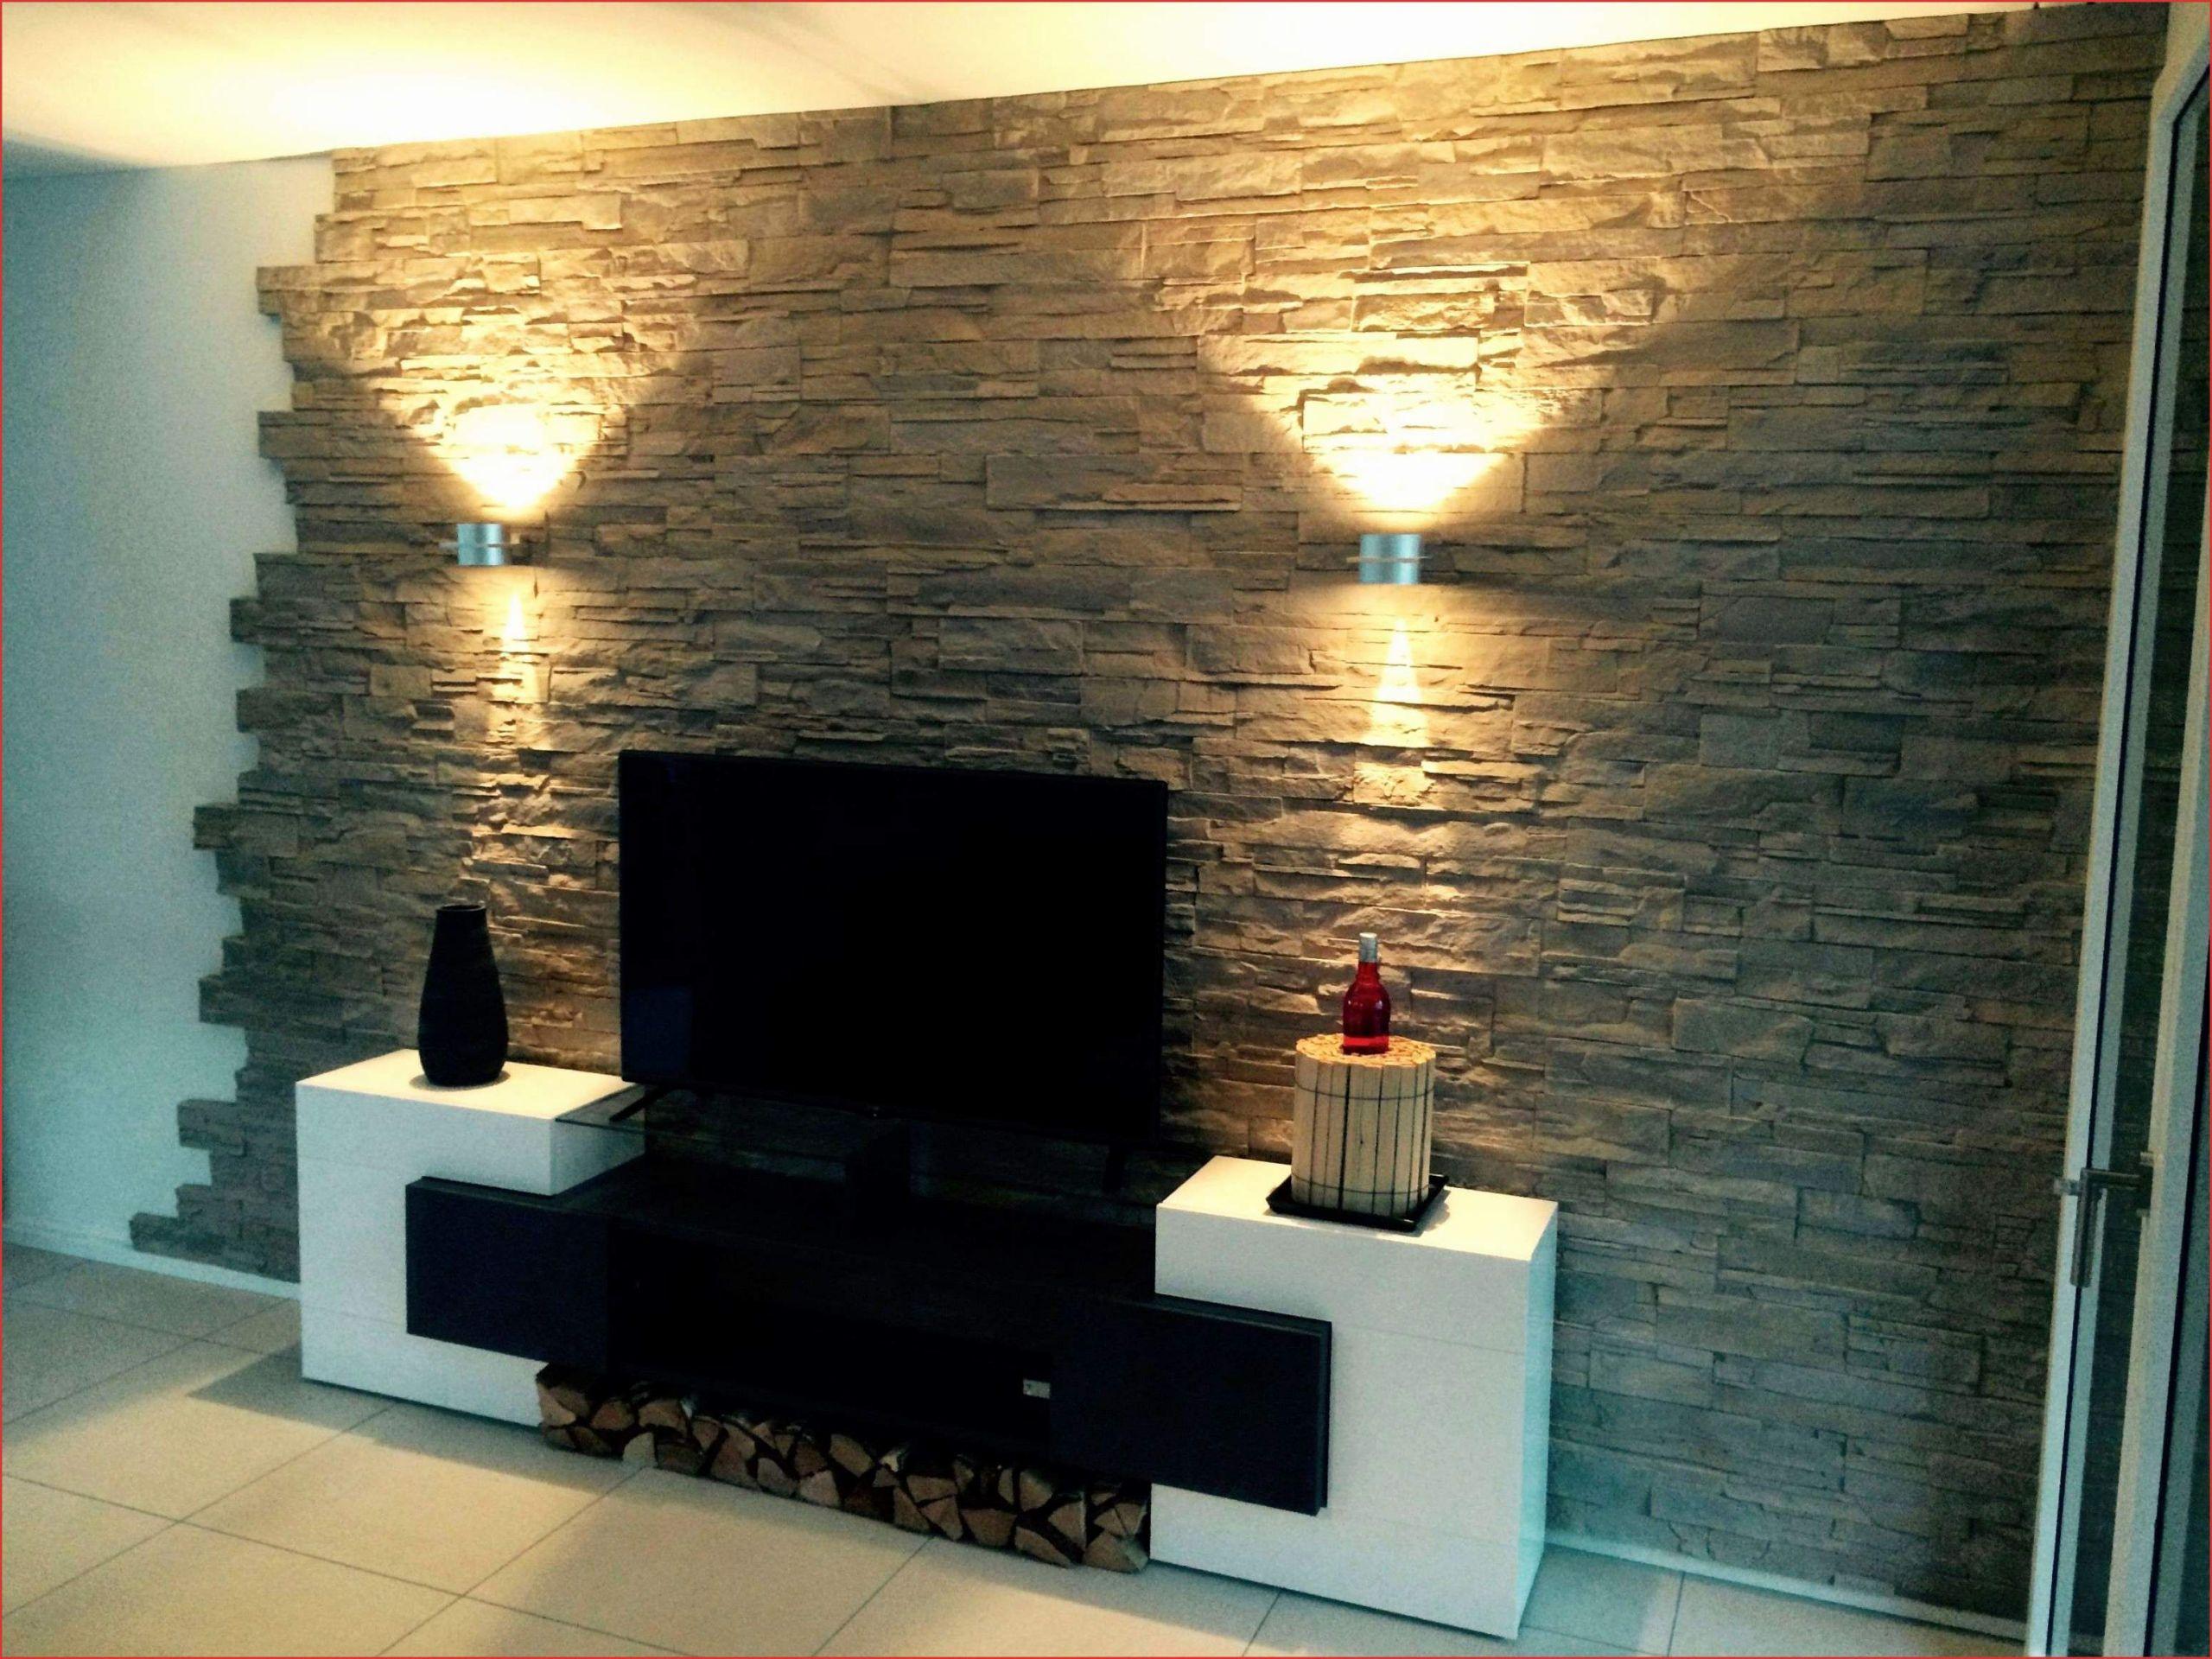 heizkamin modern genial kamin im wohnzimmer elegant kamin wohnzimmer wohnzimmer mit kaminofen wohnzimmer mit kaminofen